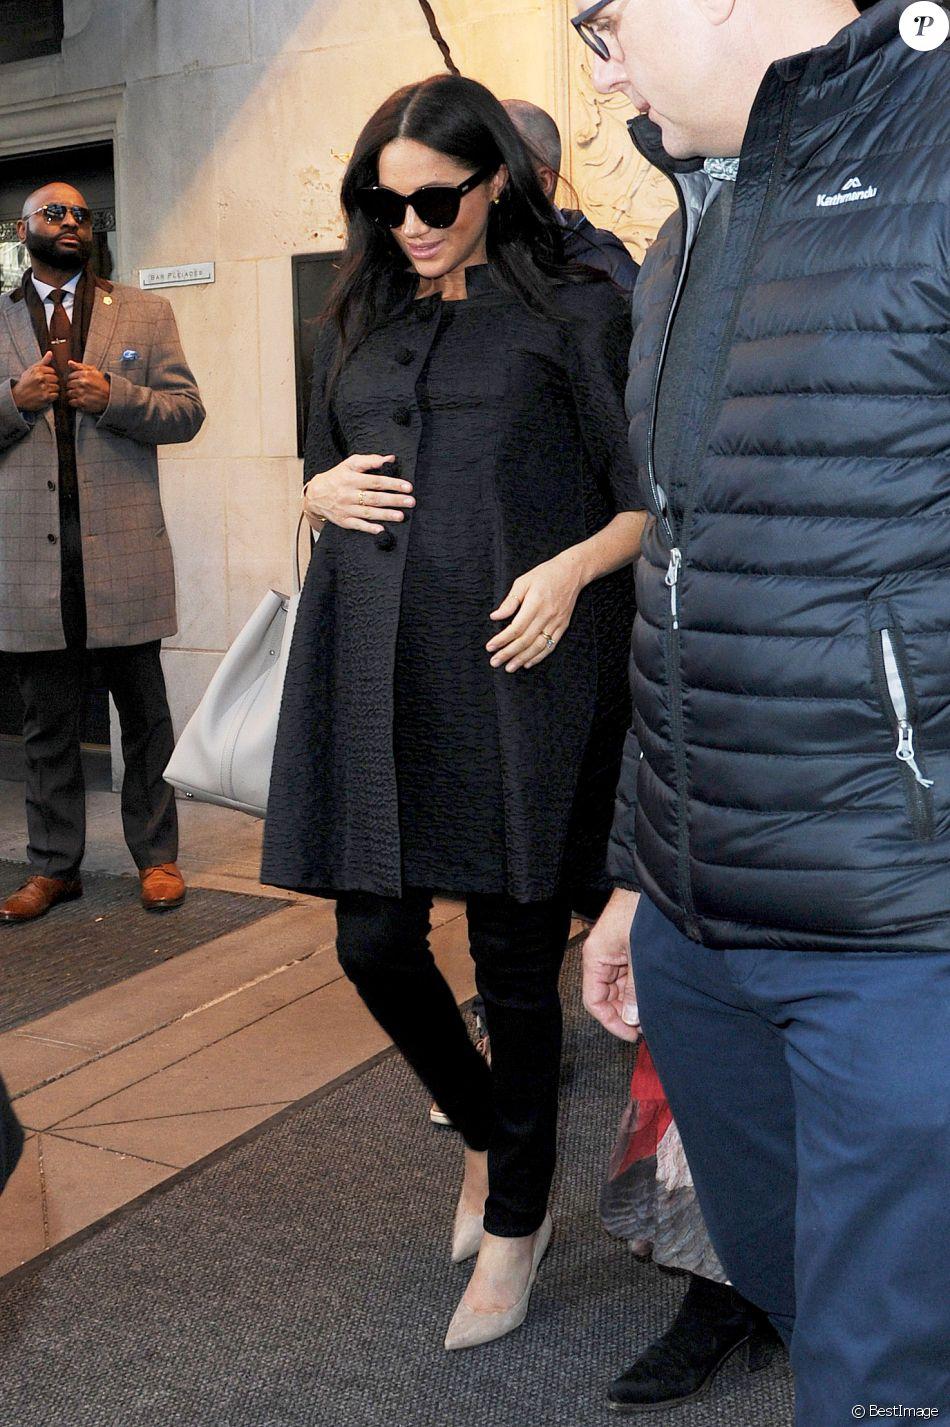 Meghan Markle, duchesse de Sussex, enceinte, est allée déjeuner avec son amie Abigail Spencer au restaurant de l'hôtel Surrey à New York City, New York, Etats-Unis, le 19 février 2019.